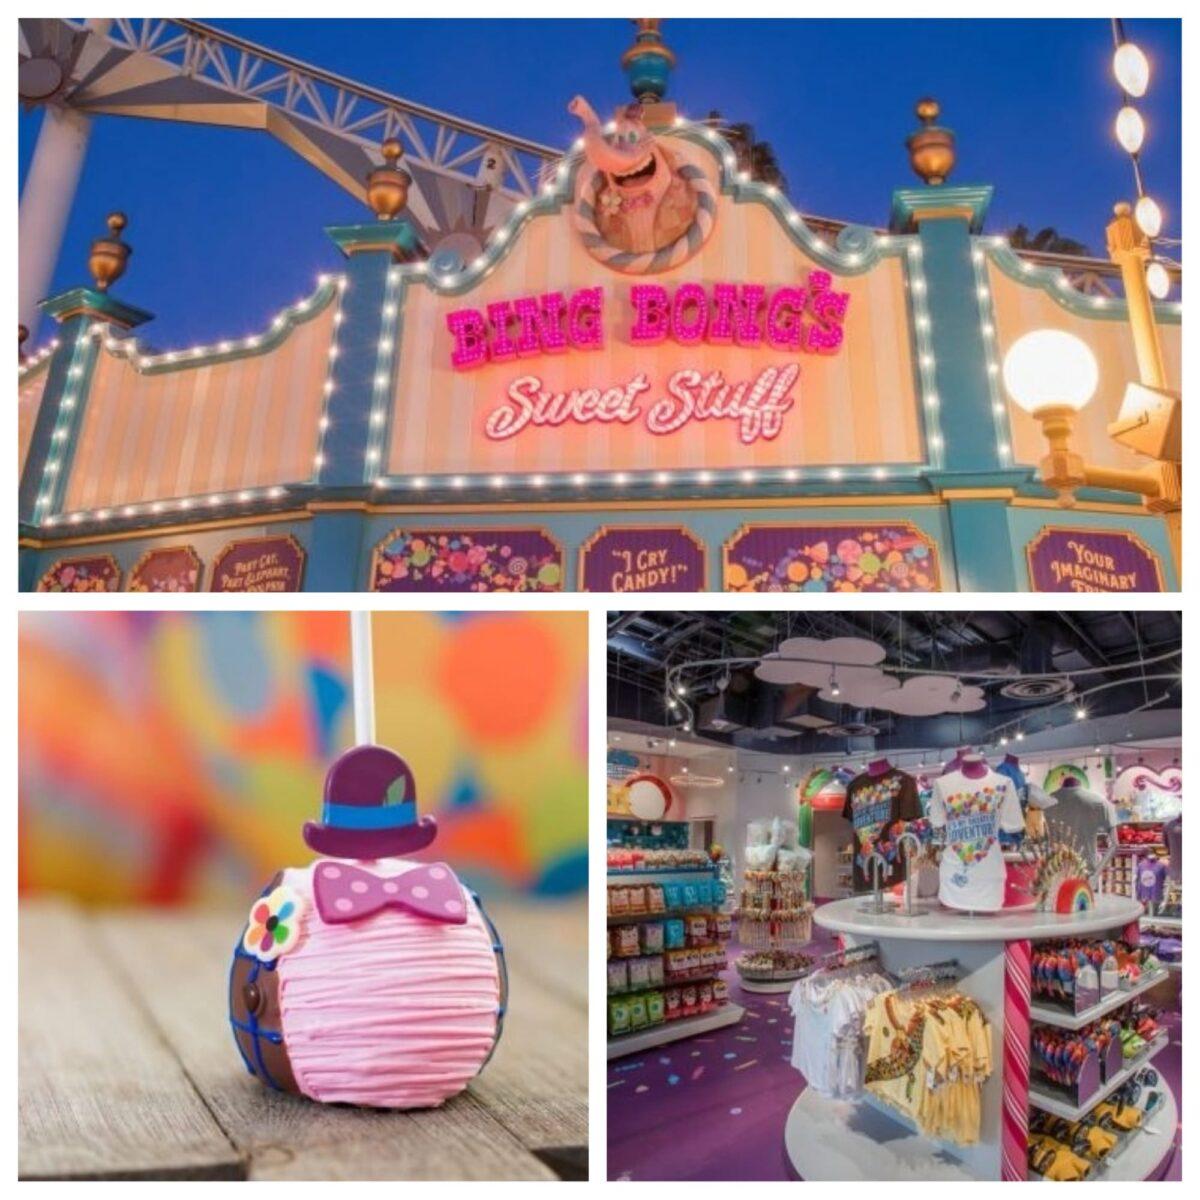 Bing Bong's Sweet Stuff Now Open in Pixar Pier at Disney California Adventure Park